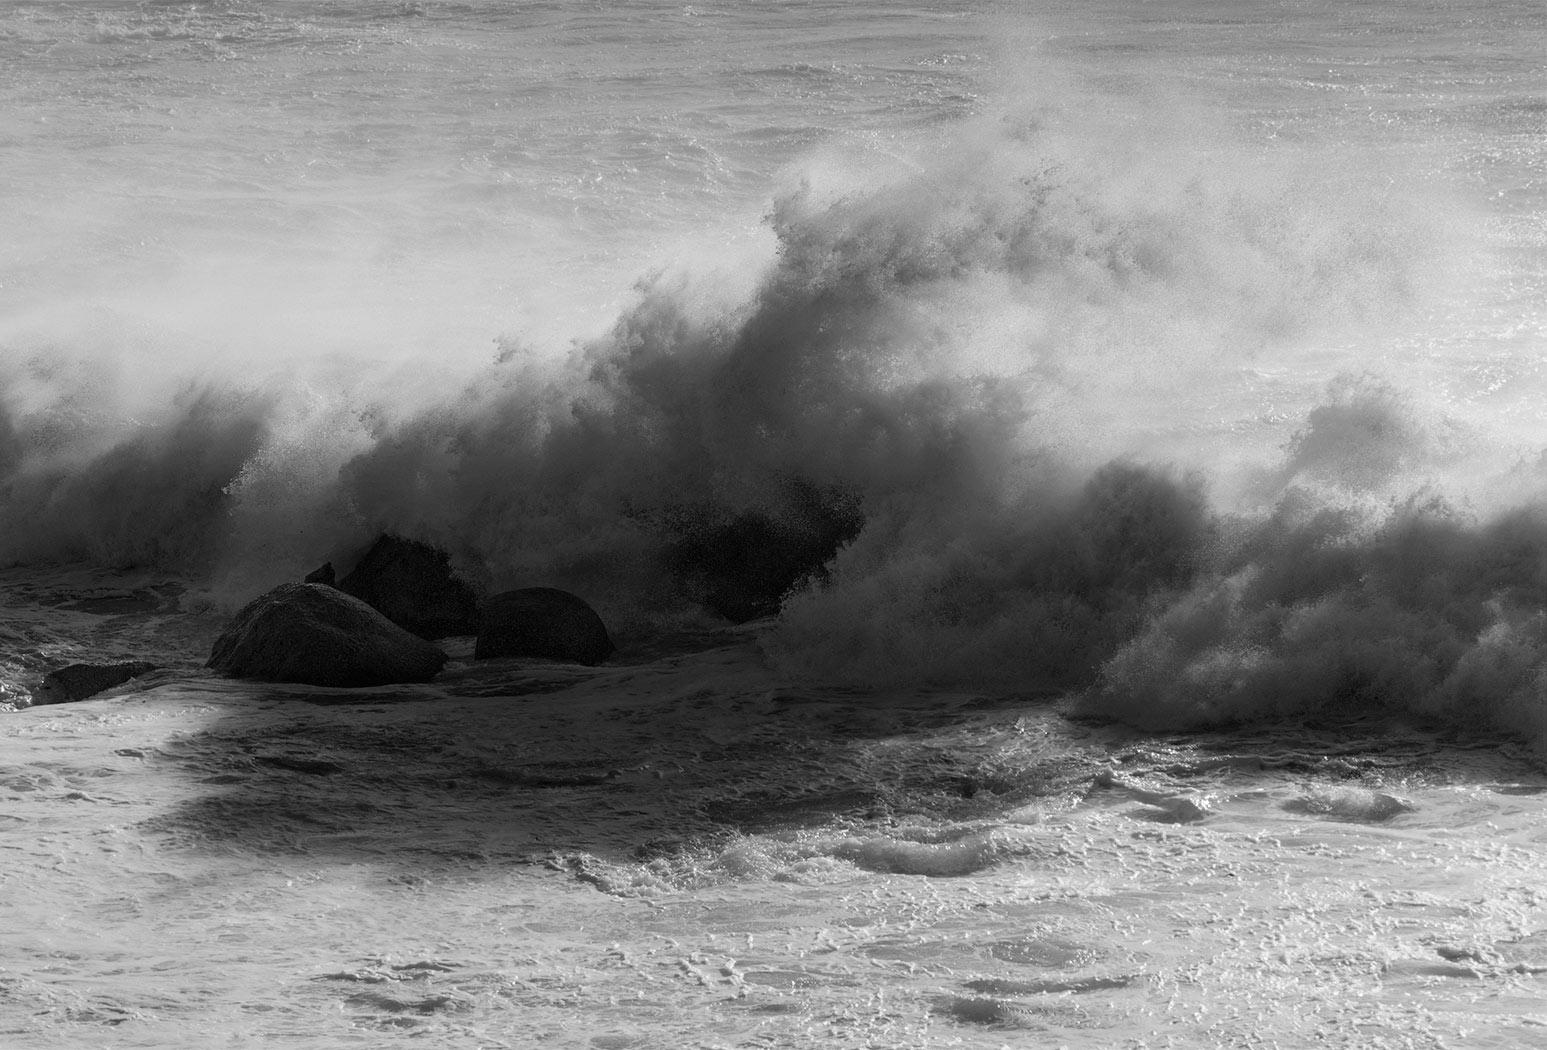 ocean_04_by_sandro_baebler.jpg